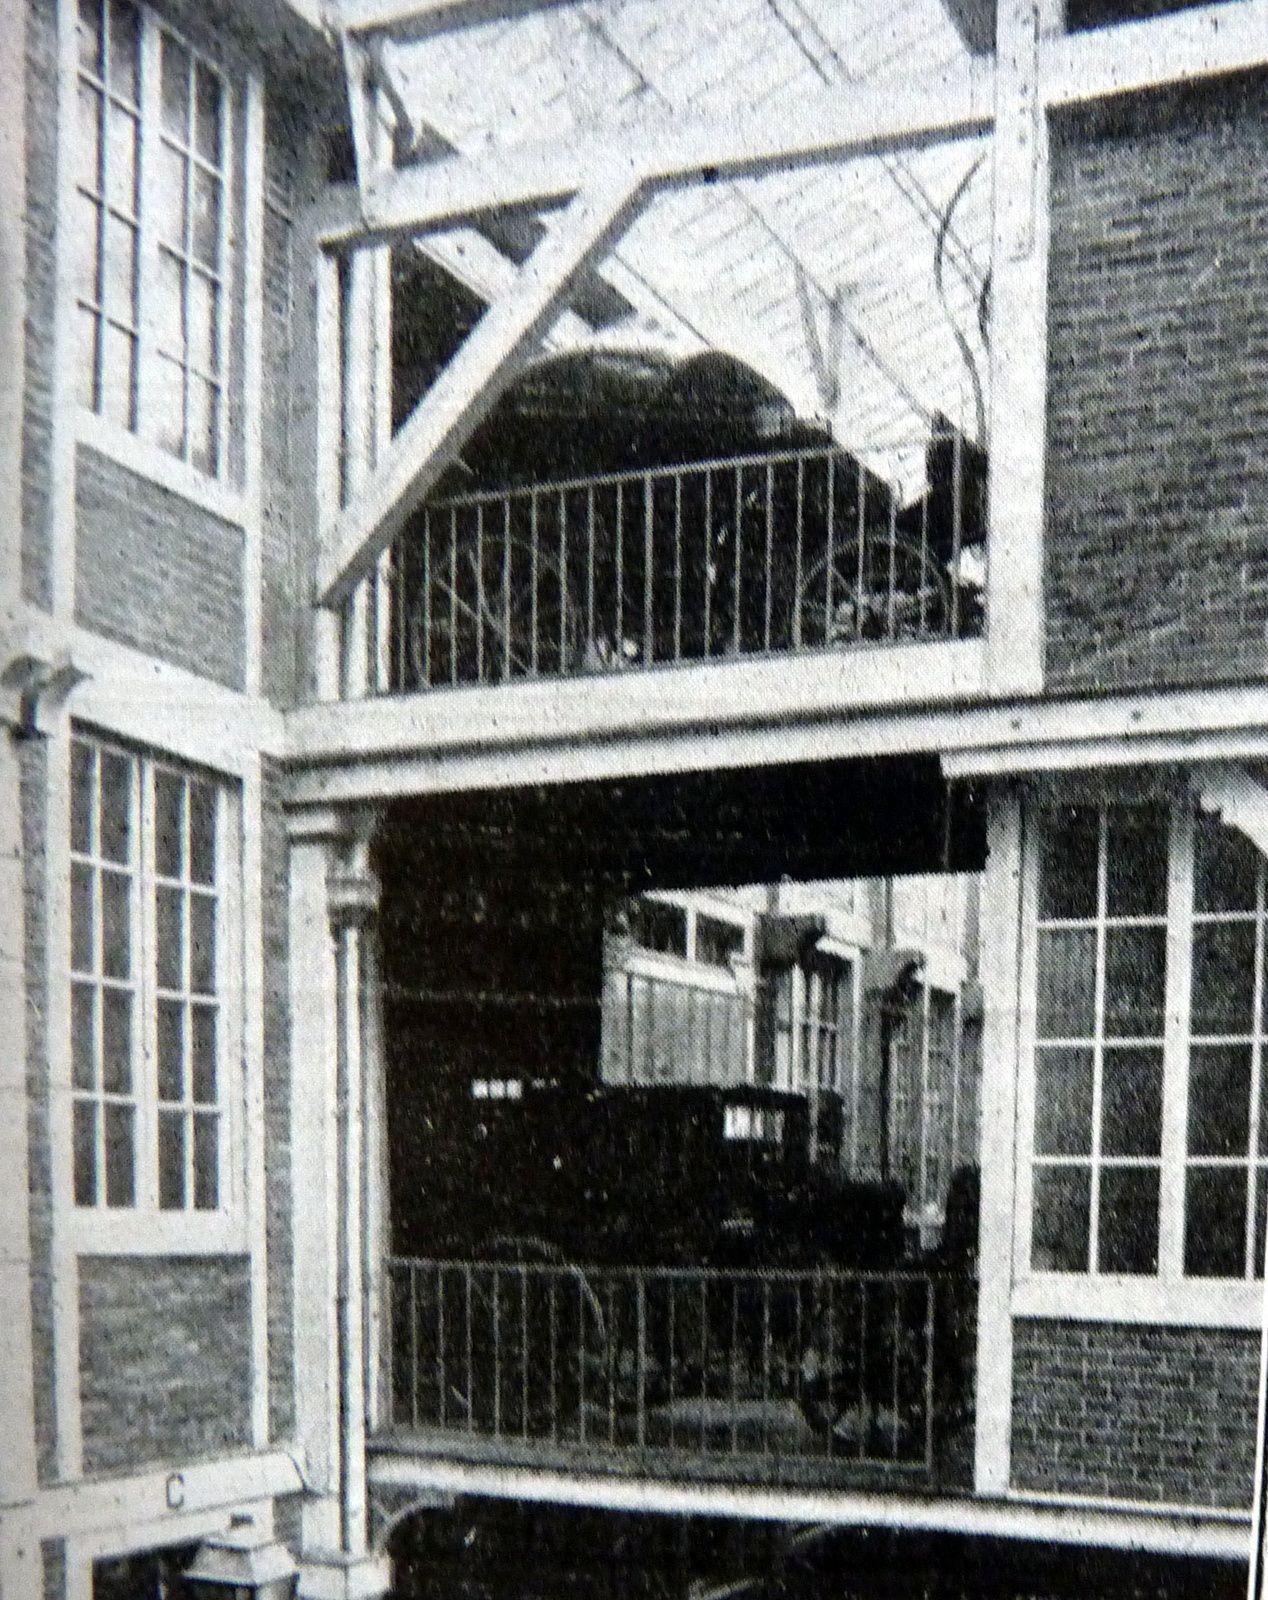 Vue d'ensemble des deux étages côté remise